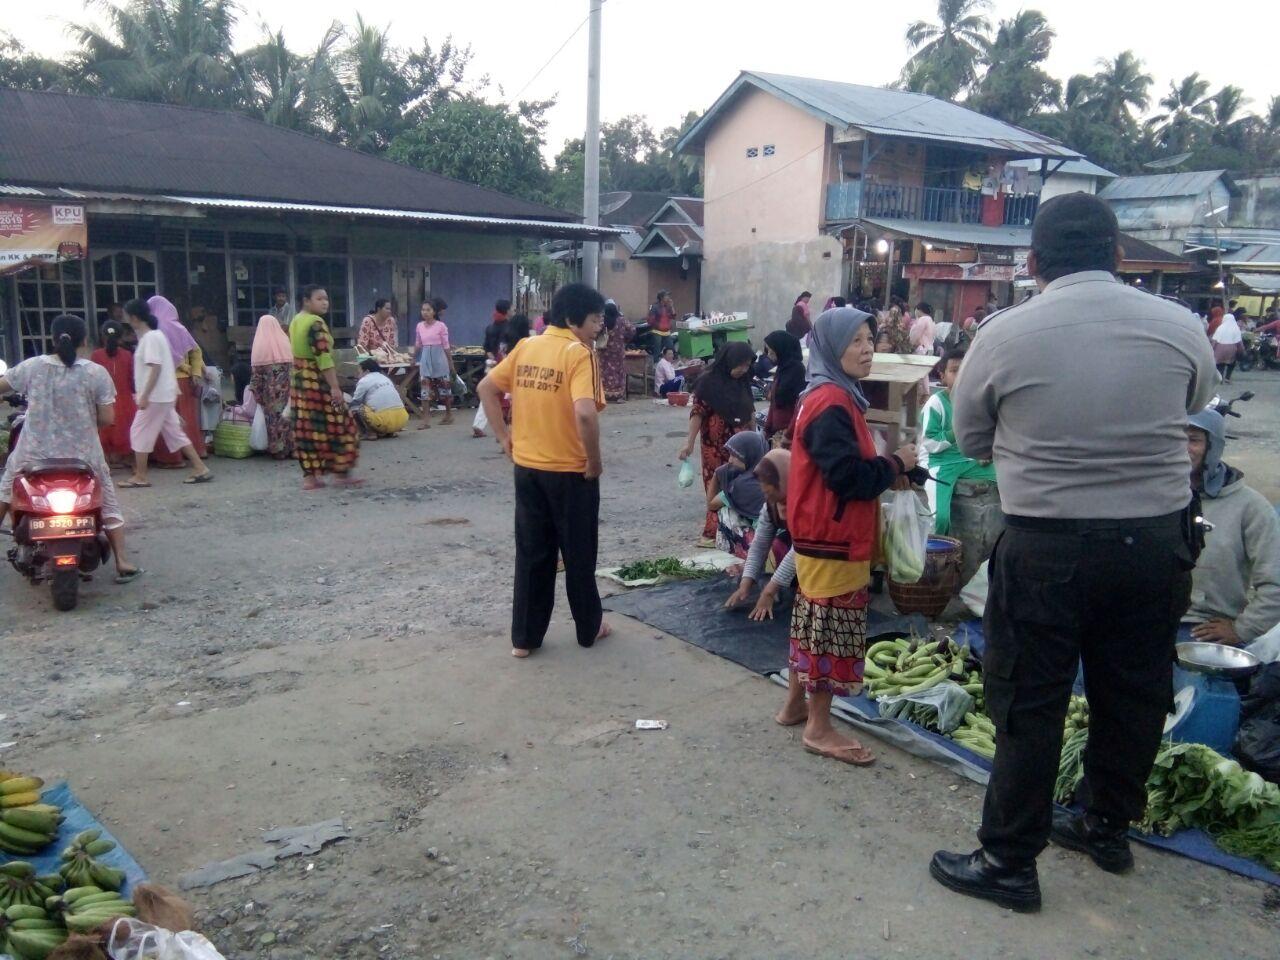 Berbahaya dan Ganggu Lalu Lintas, Pedagang Pasar Pagi Ditertibkan